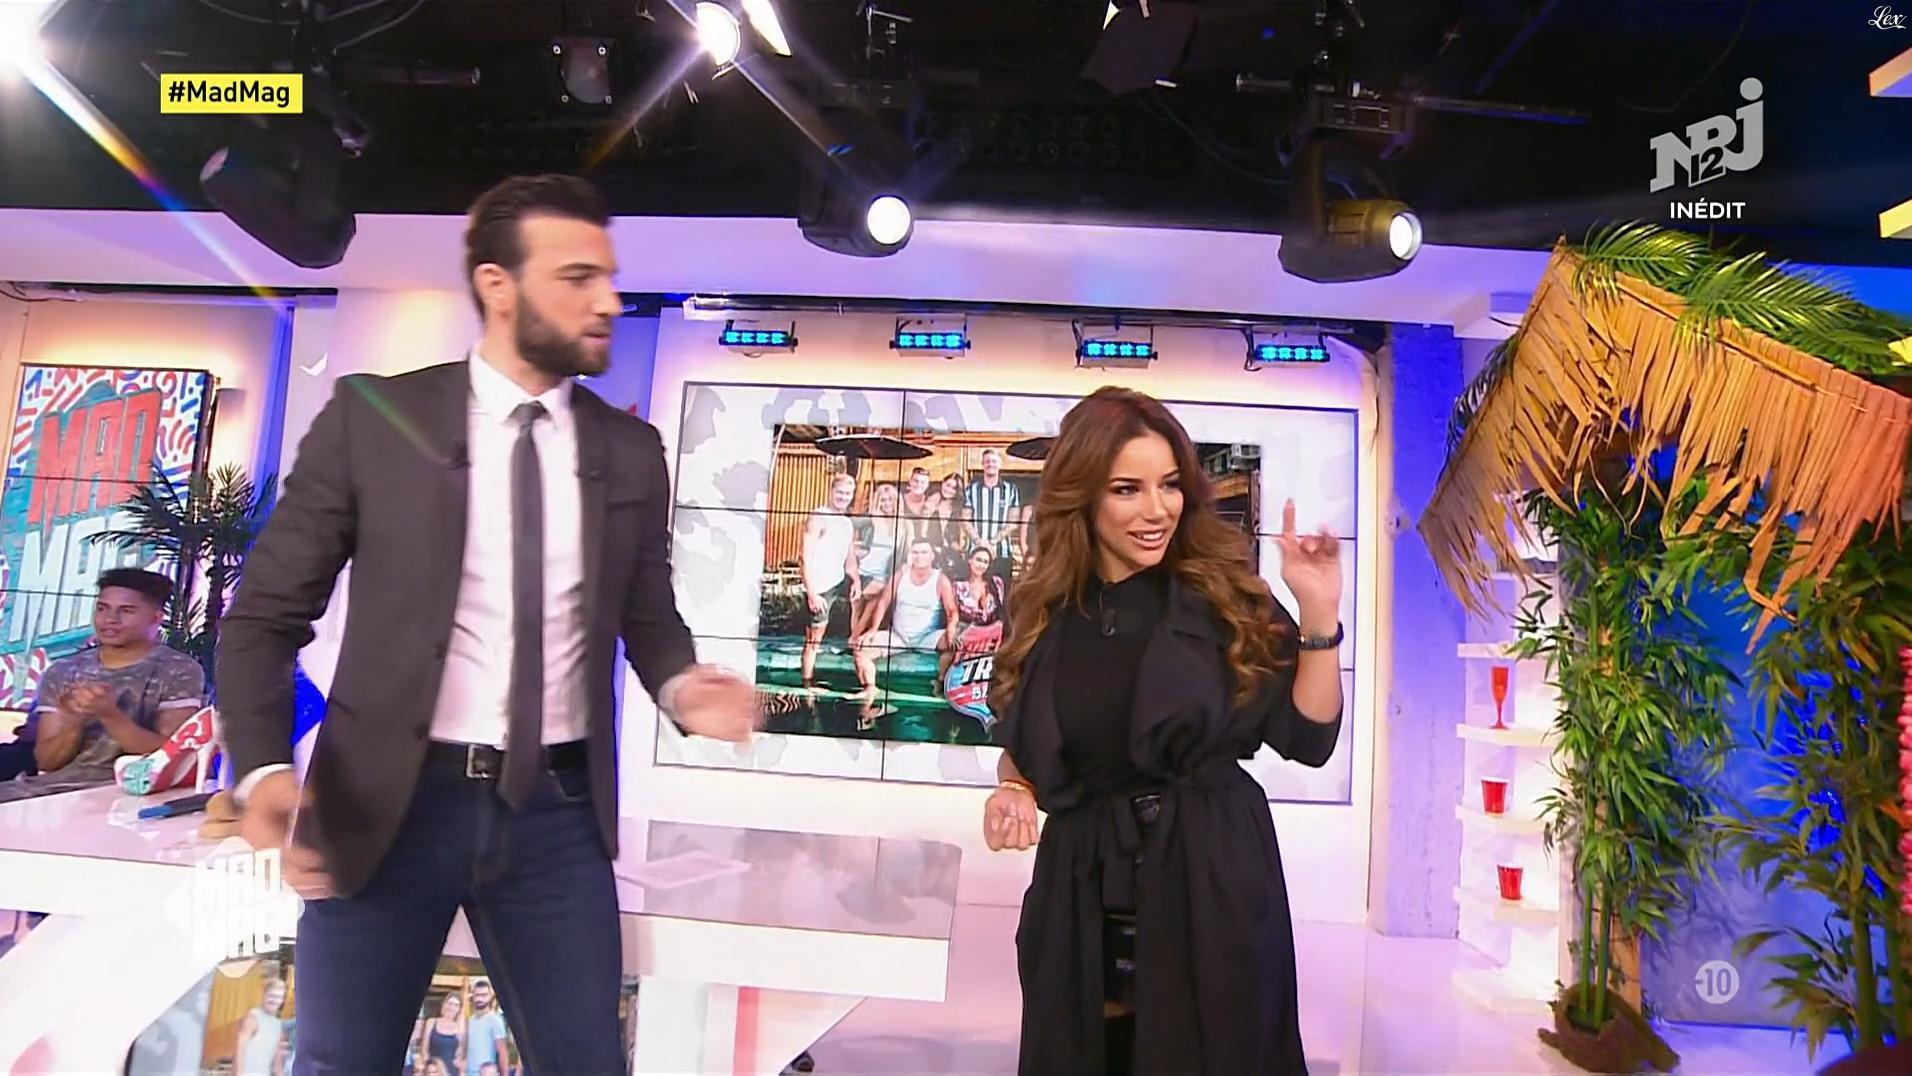 Sarah dans le Mad Mag. Diffusé à la télévision le 09/01/18.